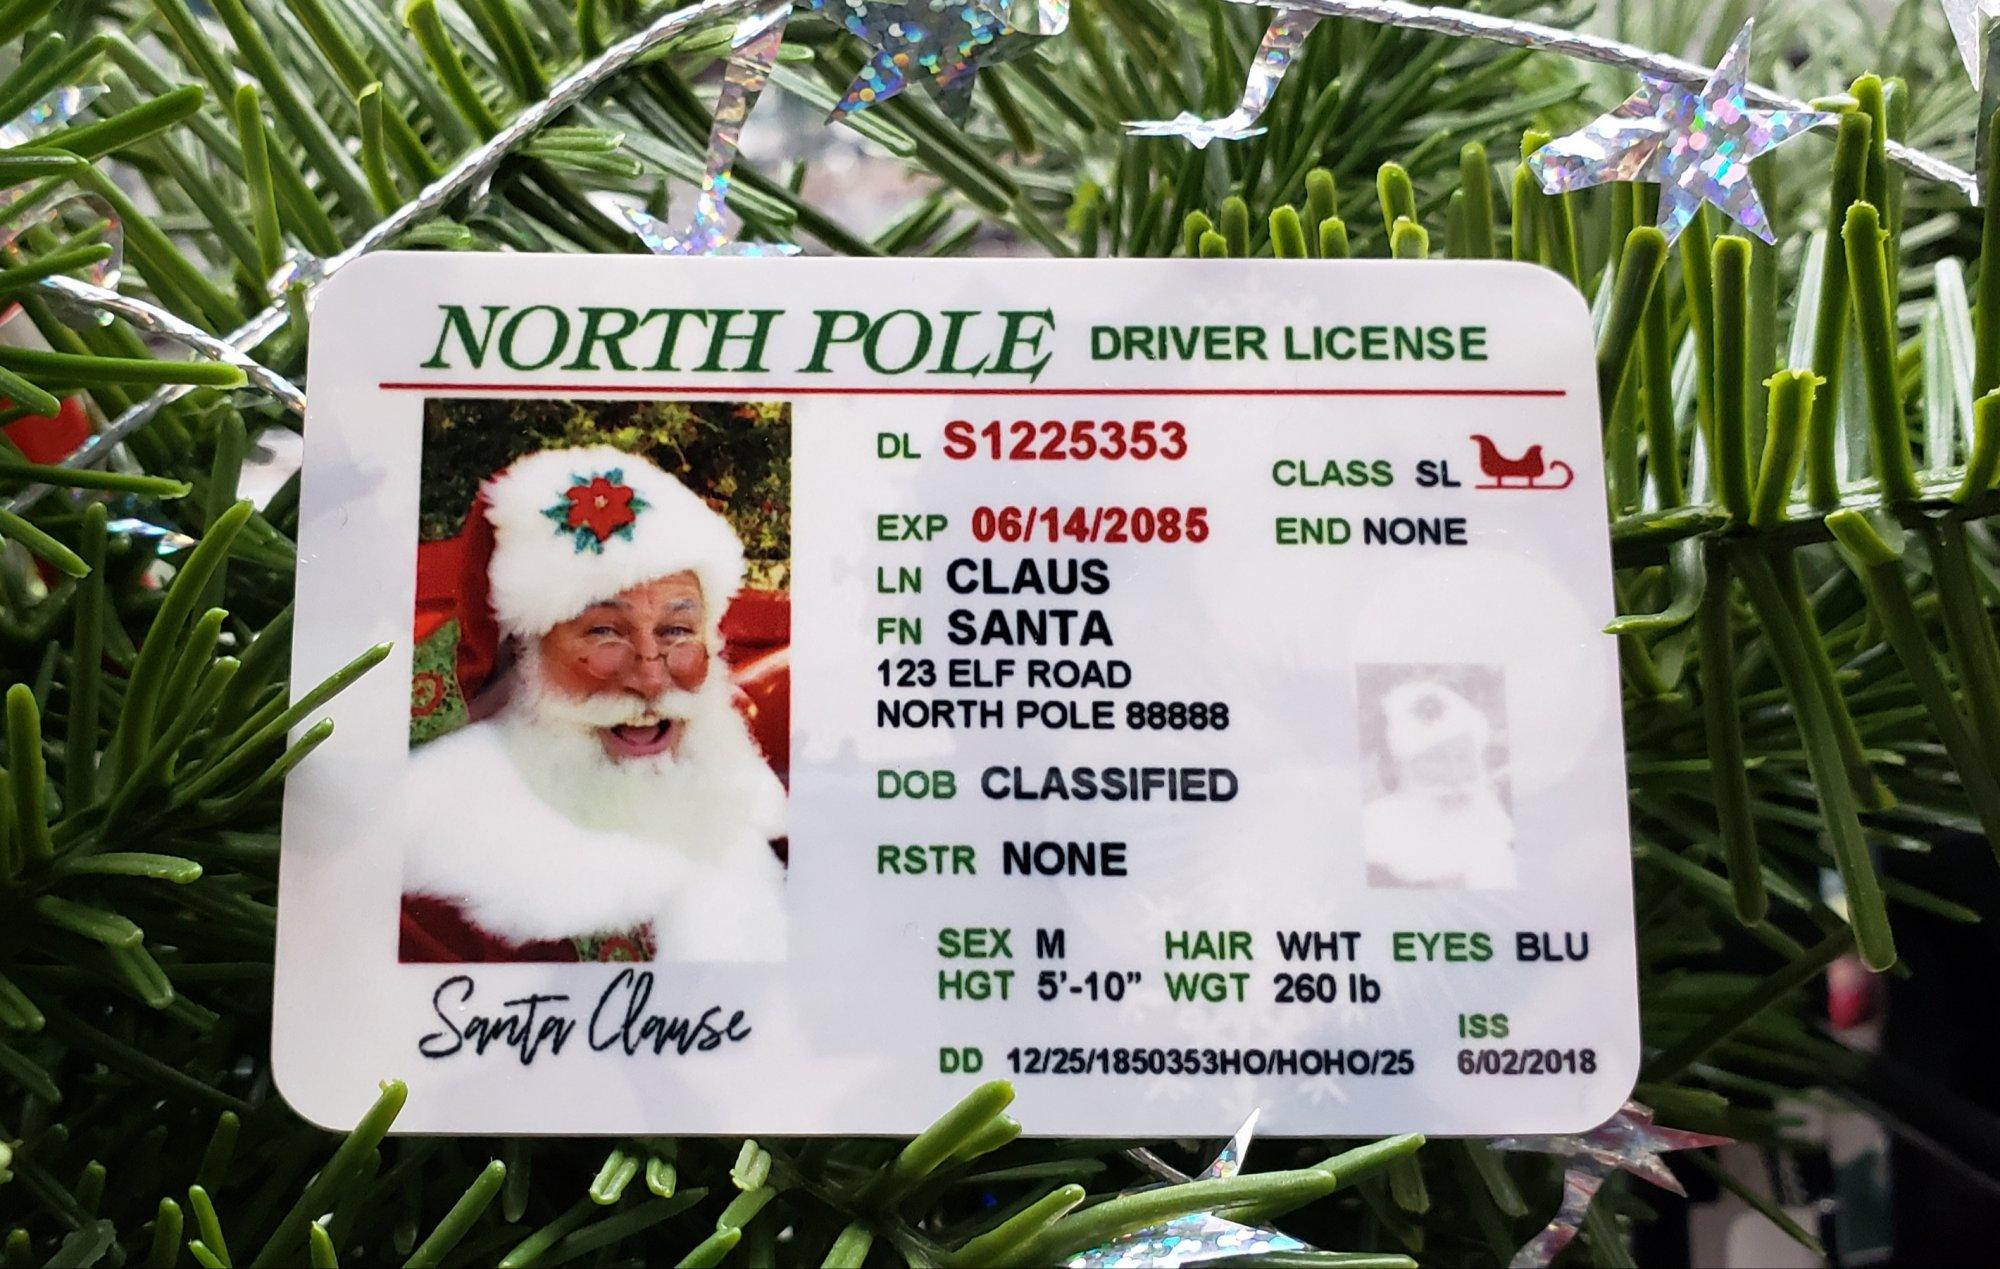 Santa's Driver License